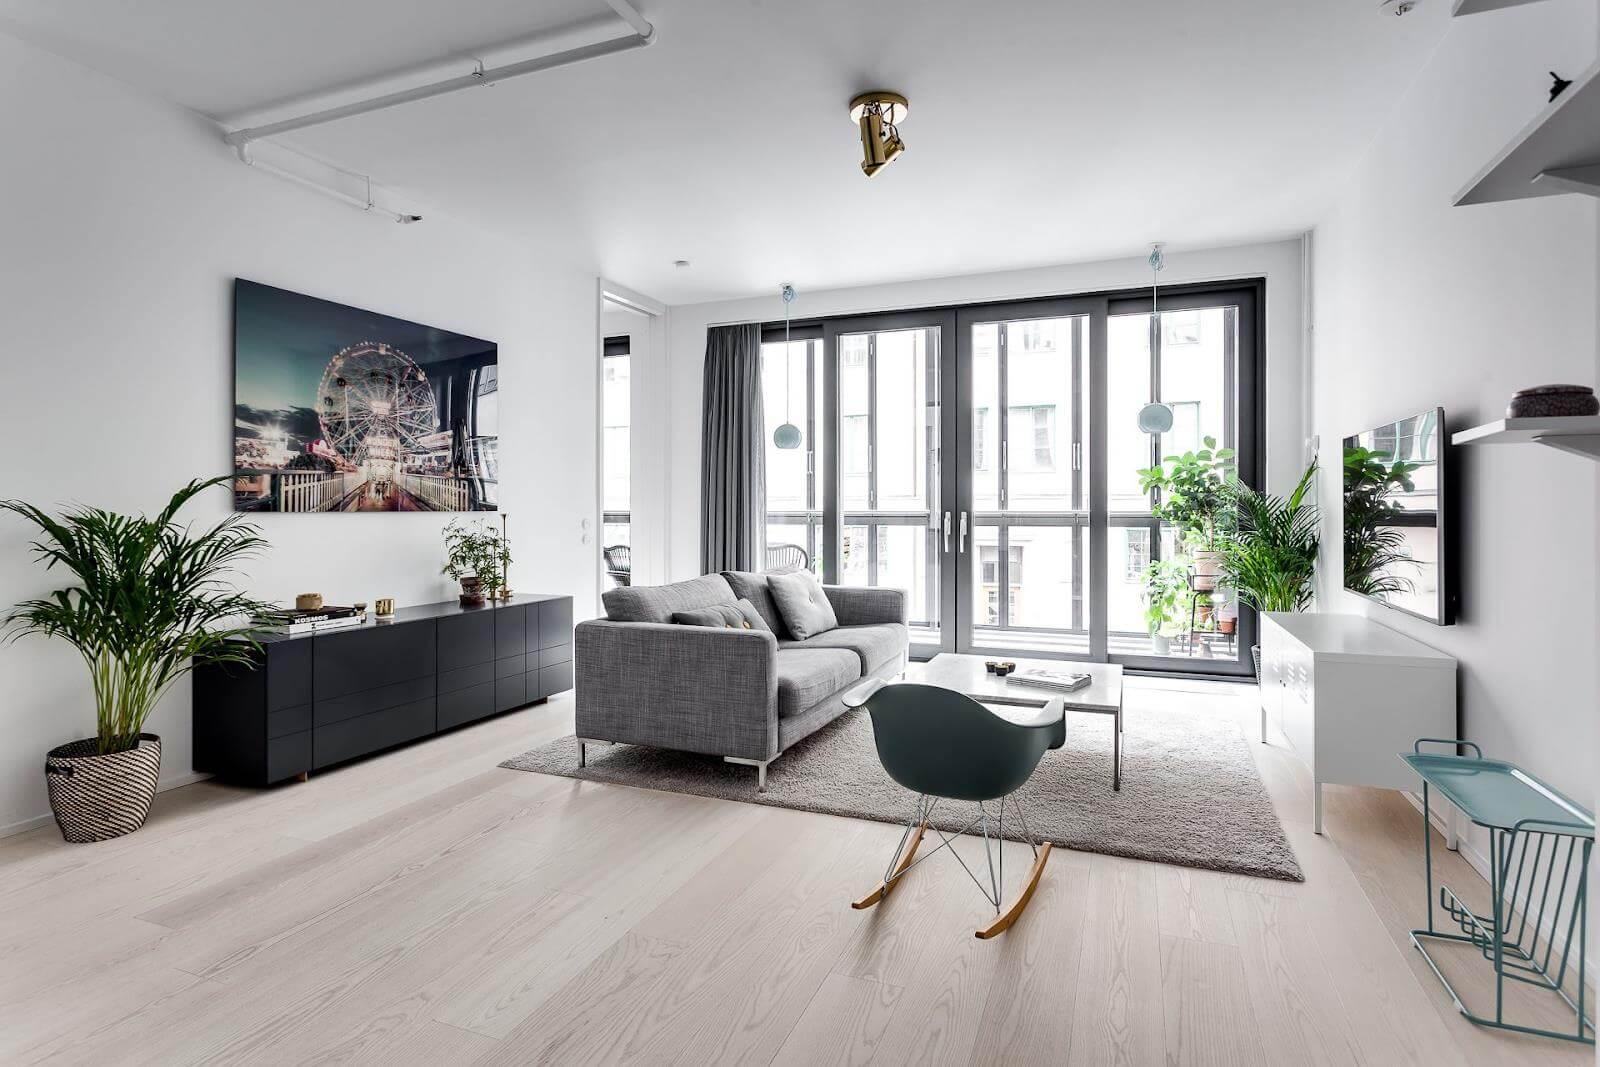 các xu hướng thiết kế nội thất trong tương lai